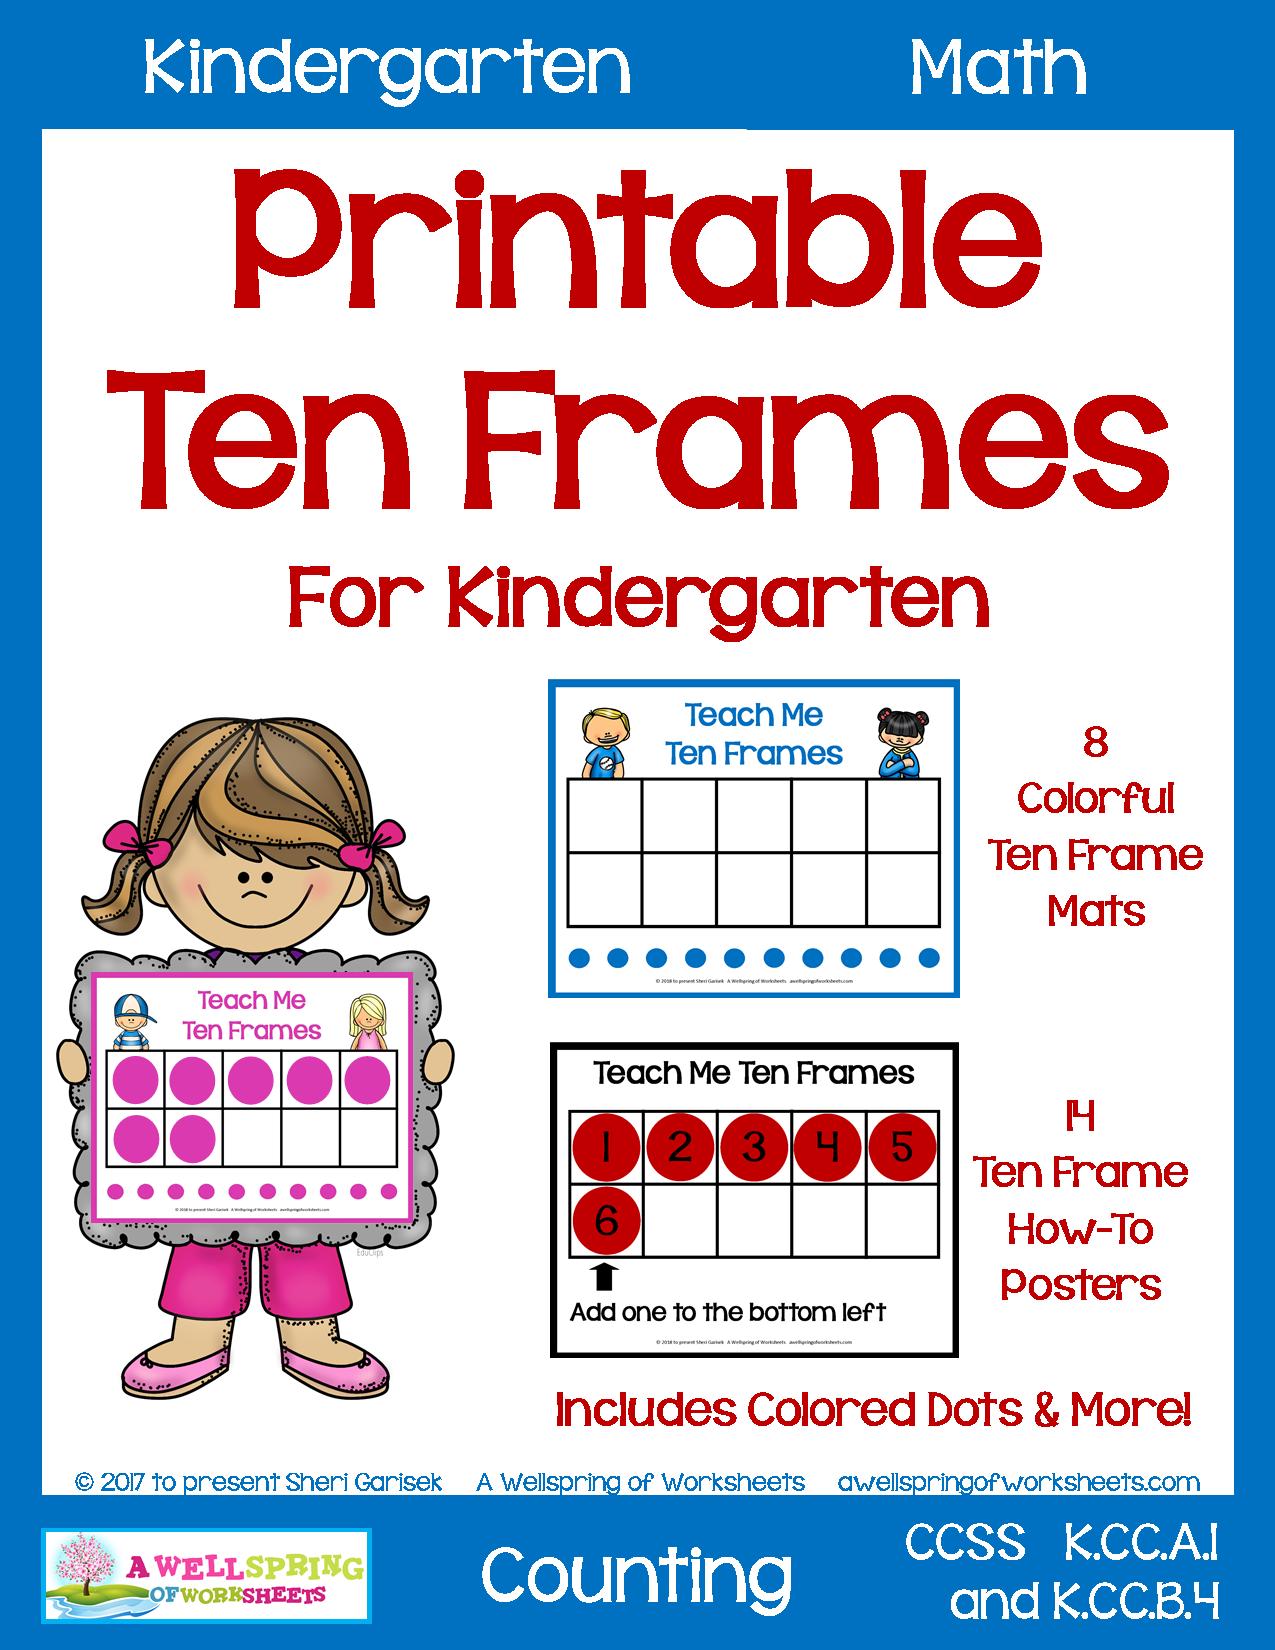 Printable Ten Frames For Kindergarten Teaching Kindergarten Teaching Kindergarten Math Ten Frames [ 1650 x 1275 Pixel ]